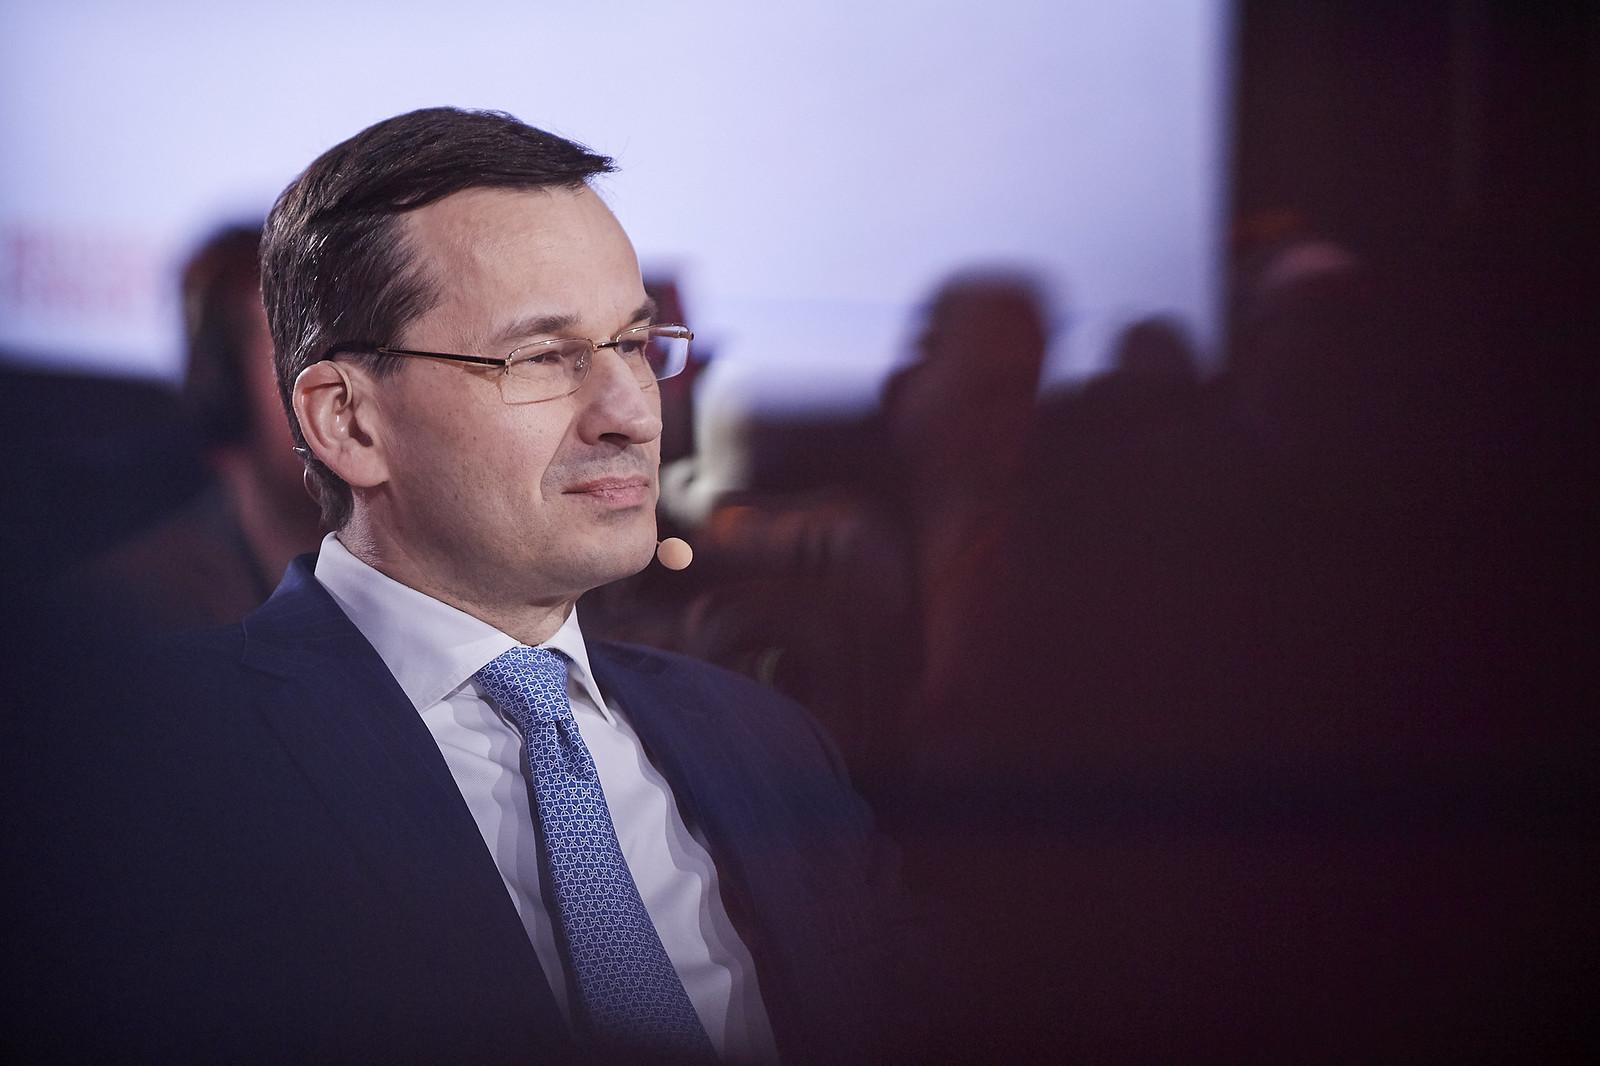 Brussels Forum 2018: A Conversation with Mateusz Morawiecki